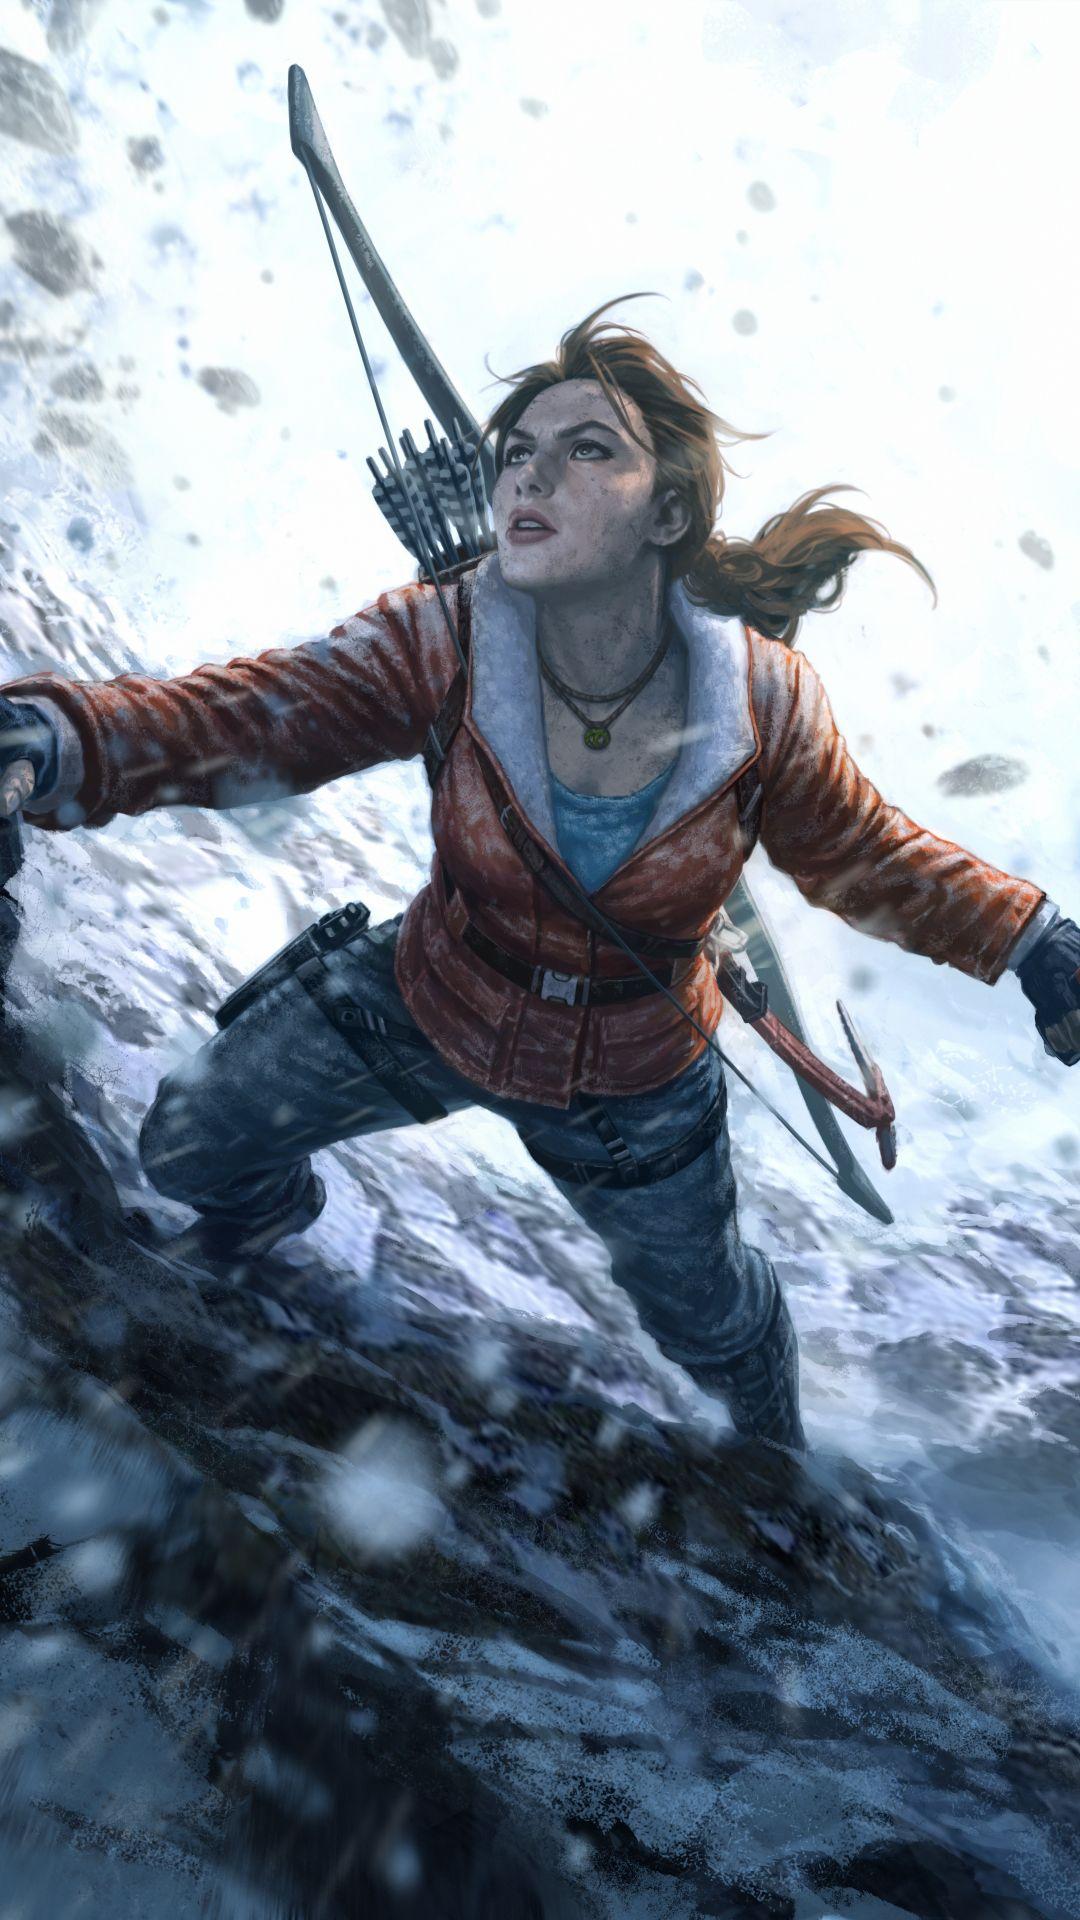 Rise Of The Tomb Raider Iphone Papel De Parede Desktop E 4k Papel De Parede Tomb Raider Tomb Raider Lara Croft Tomb Raider Game